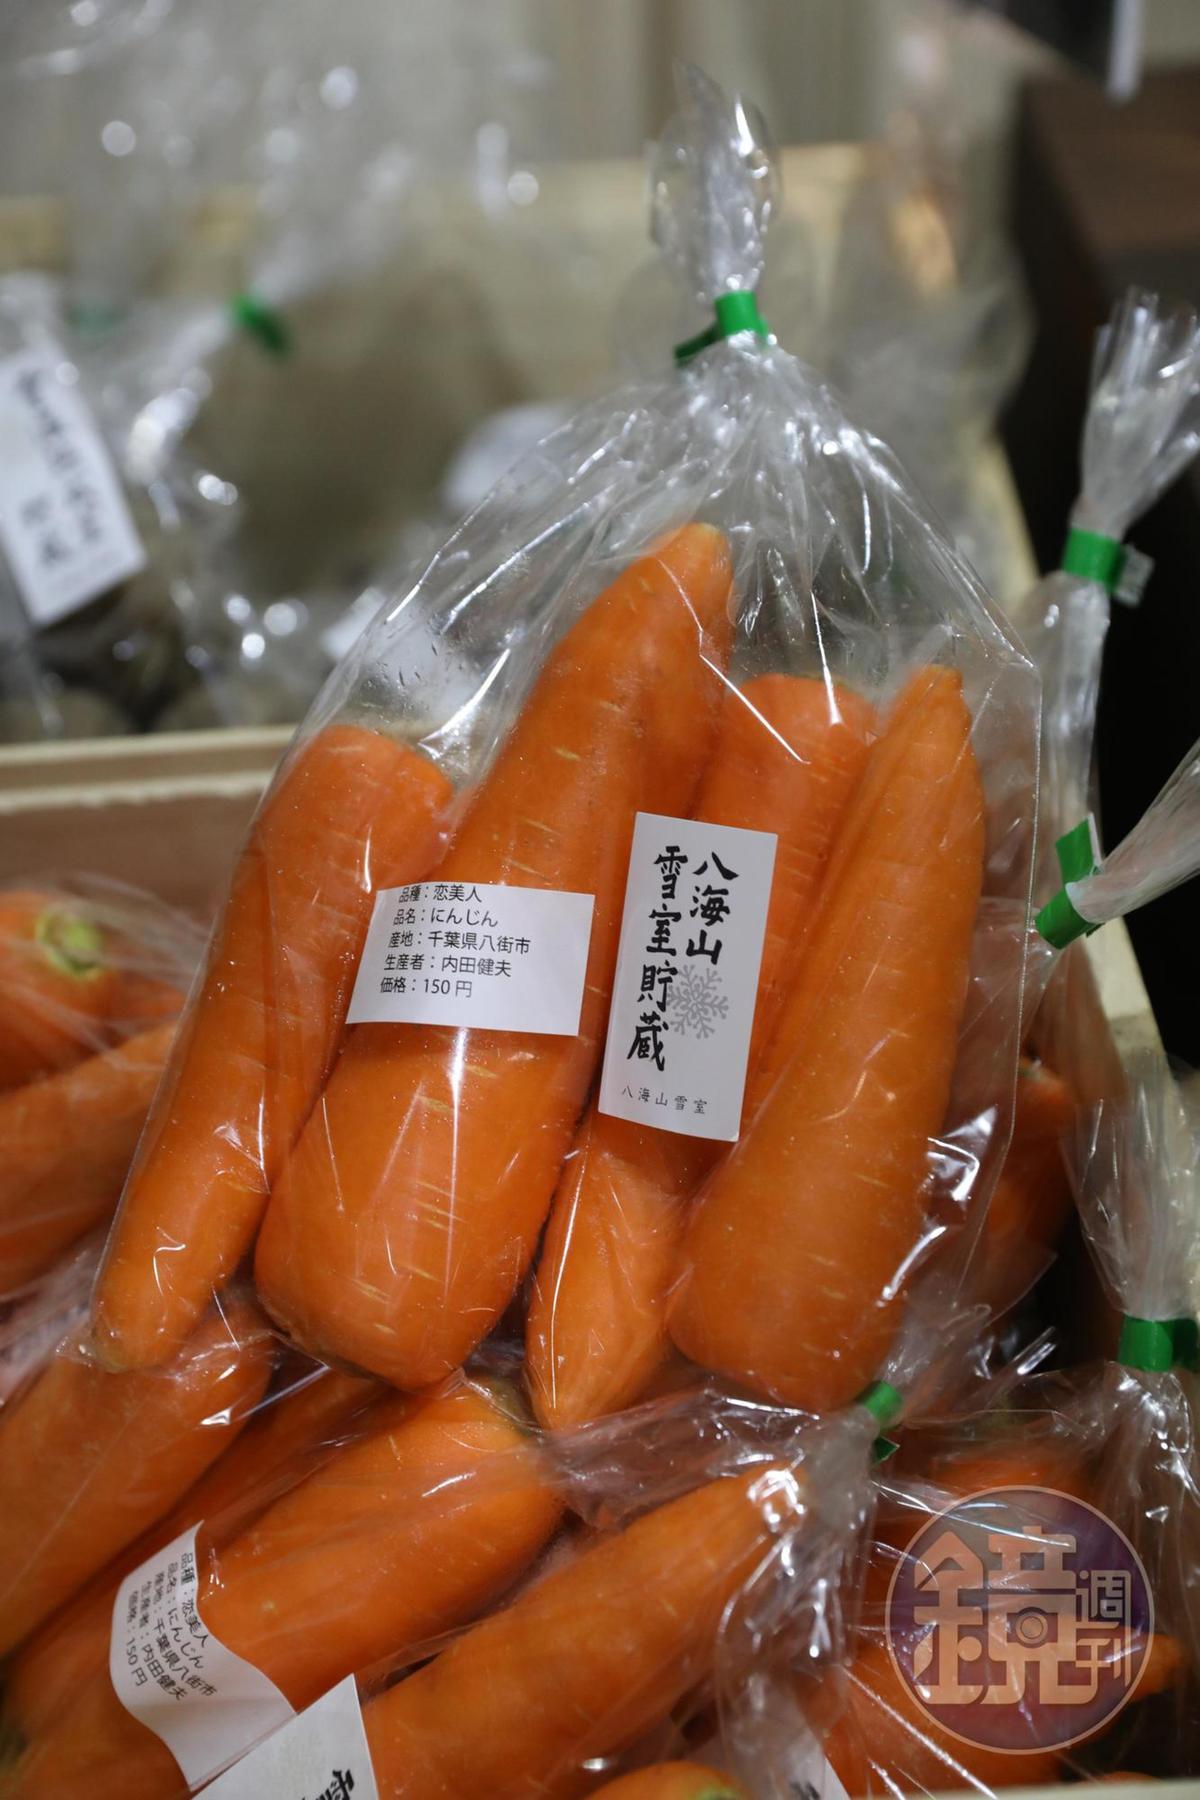 在雪室的「千年麴屋」可買到雪室貯存蔬菜。